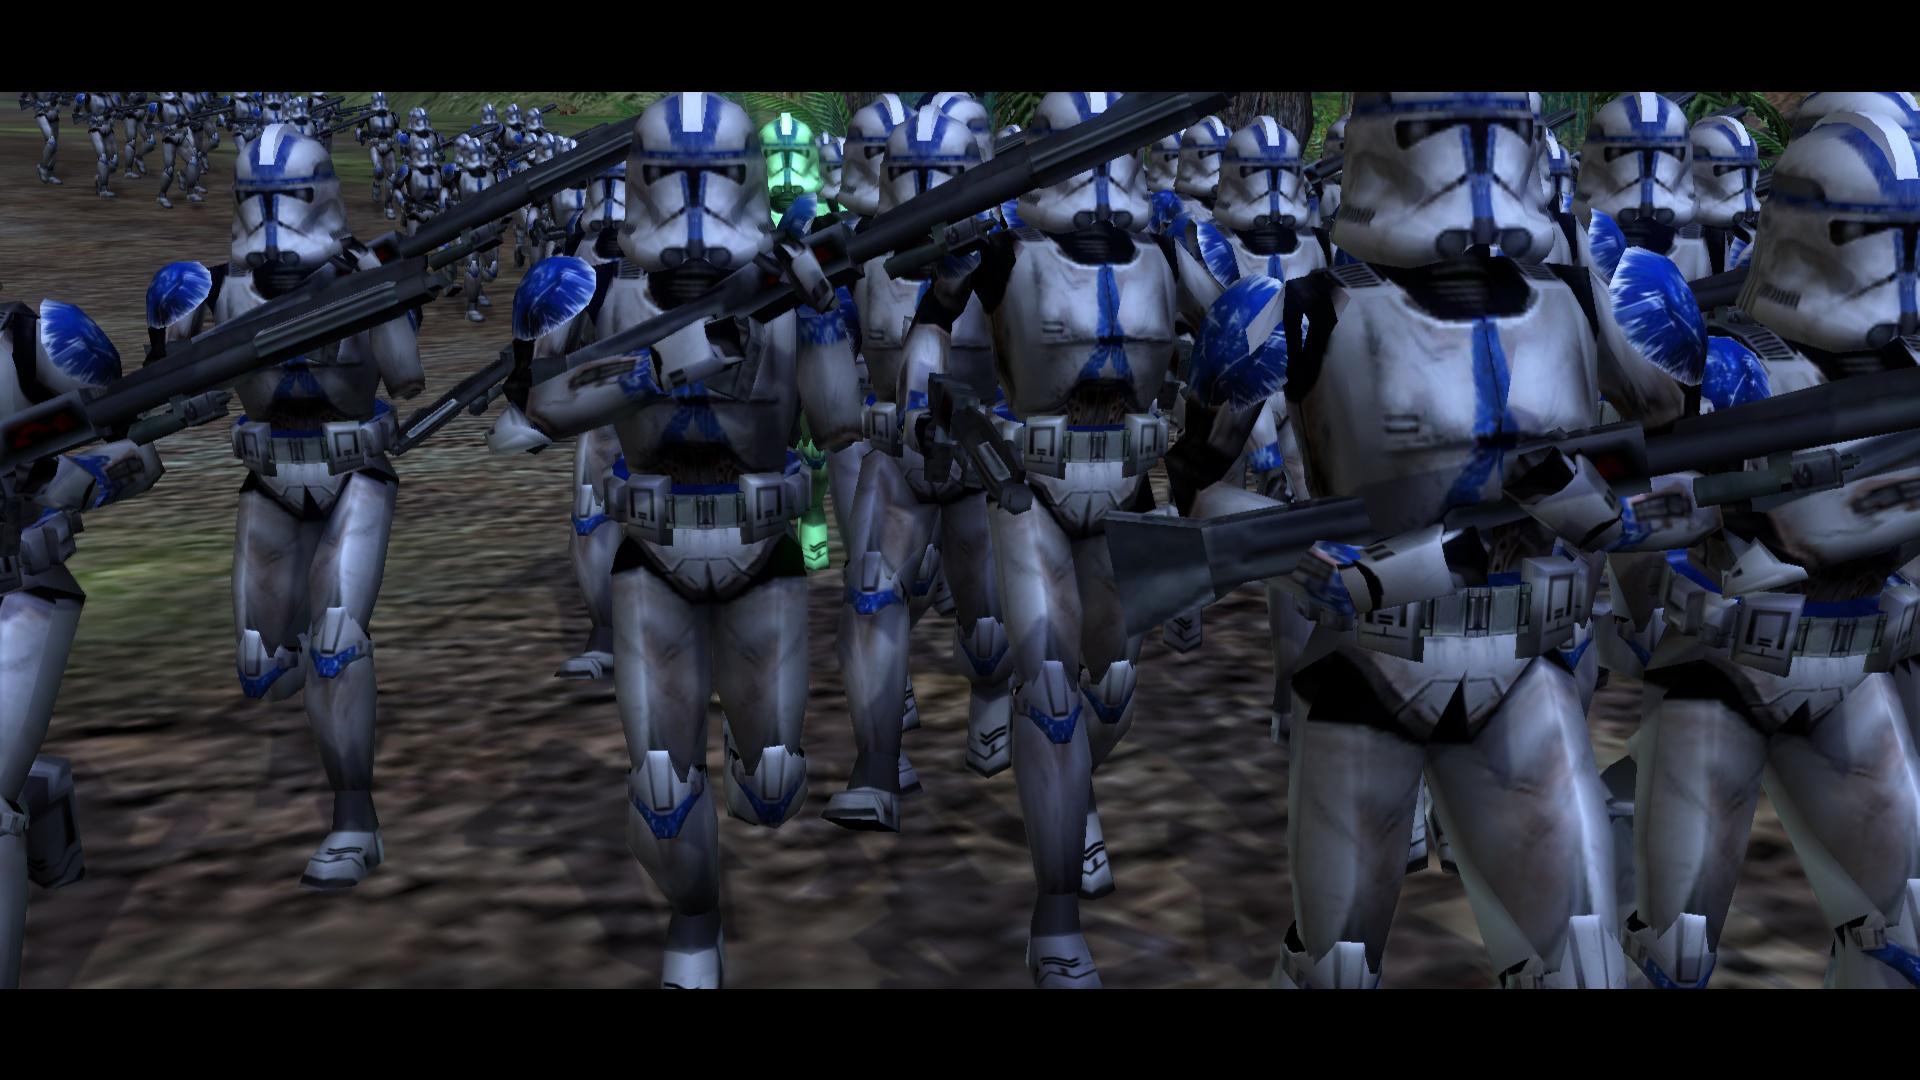 Best 52 501st Clone Trooper Wallpaper on HipWallpaper Star Wars 1920x1080